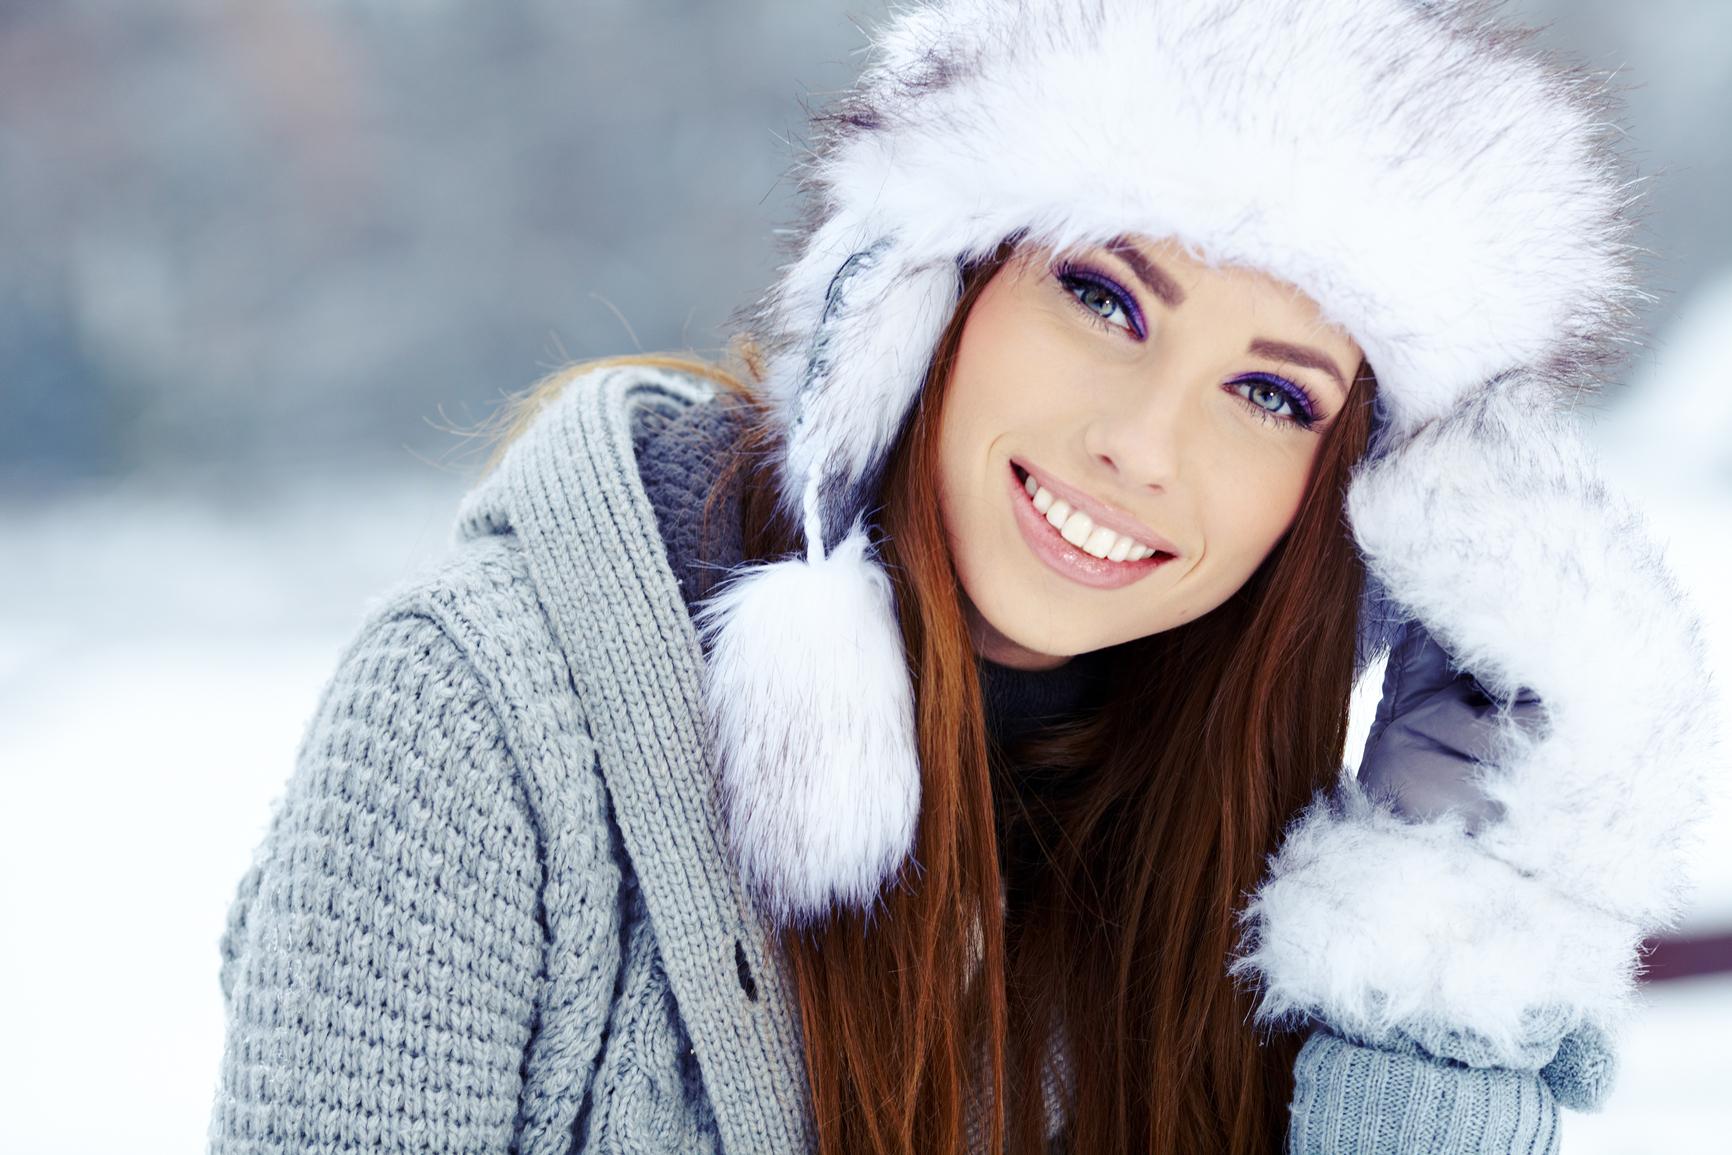 Улыбка фото красивые зимние